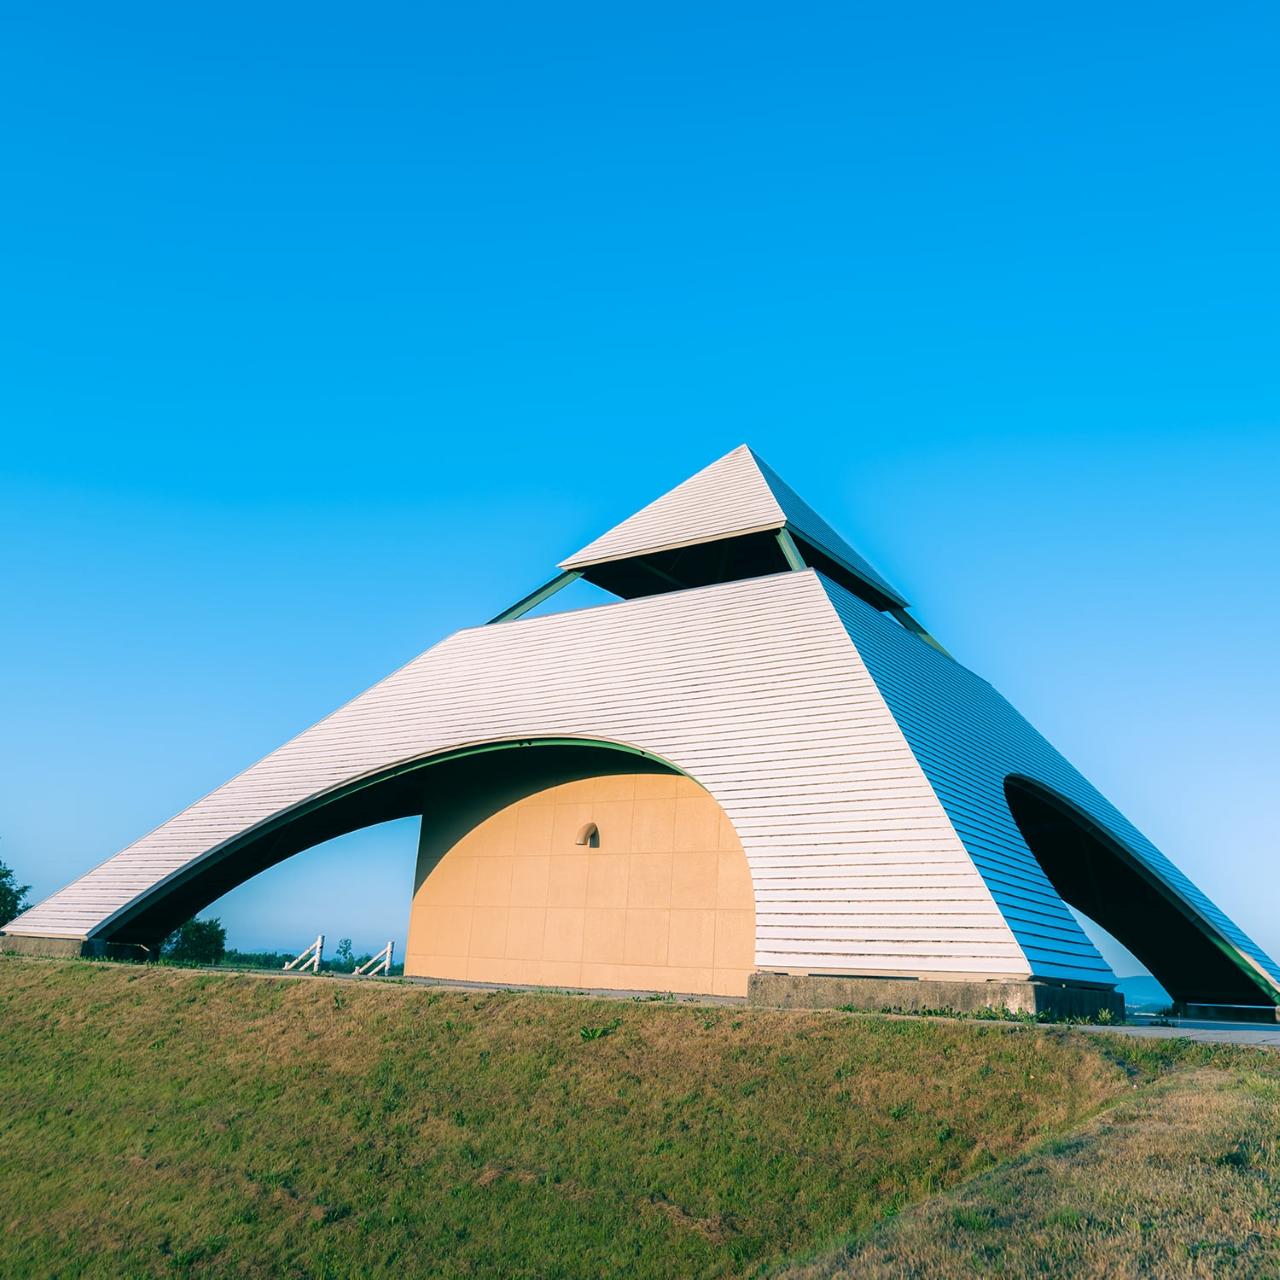 ฺBiei : Hokusei-no-oka Observatory Park